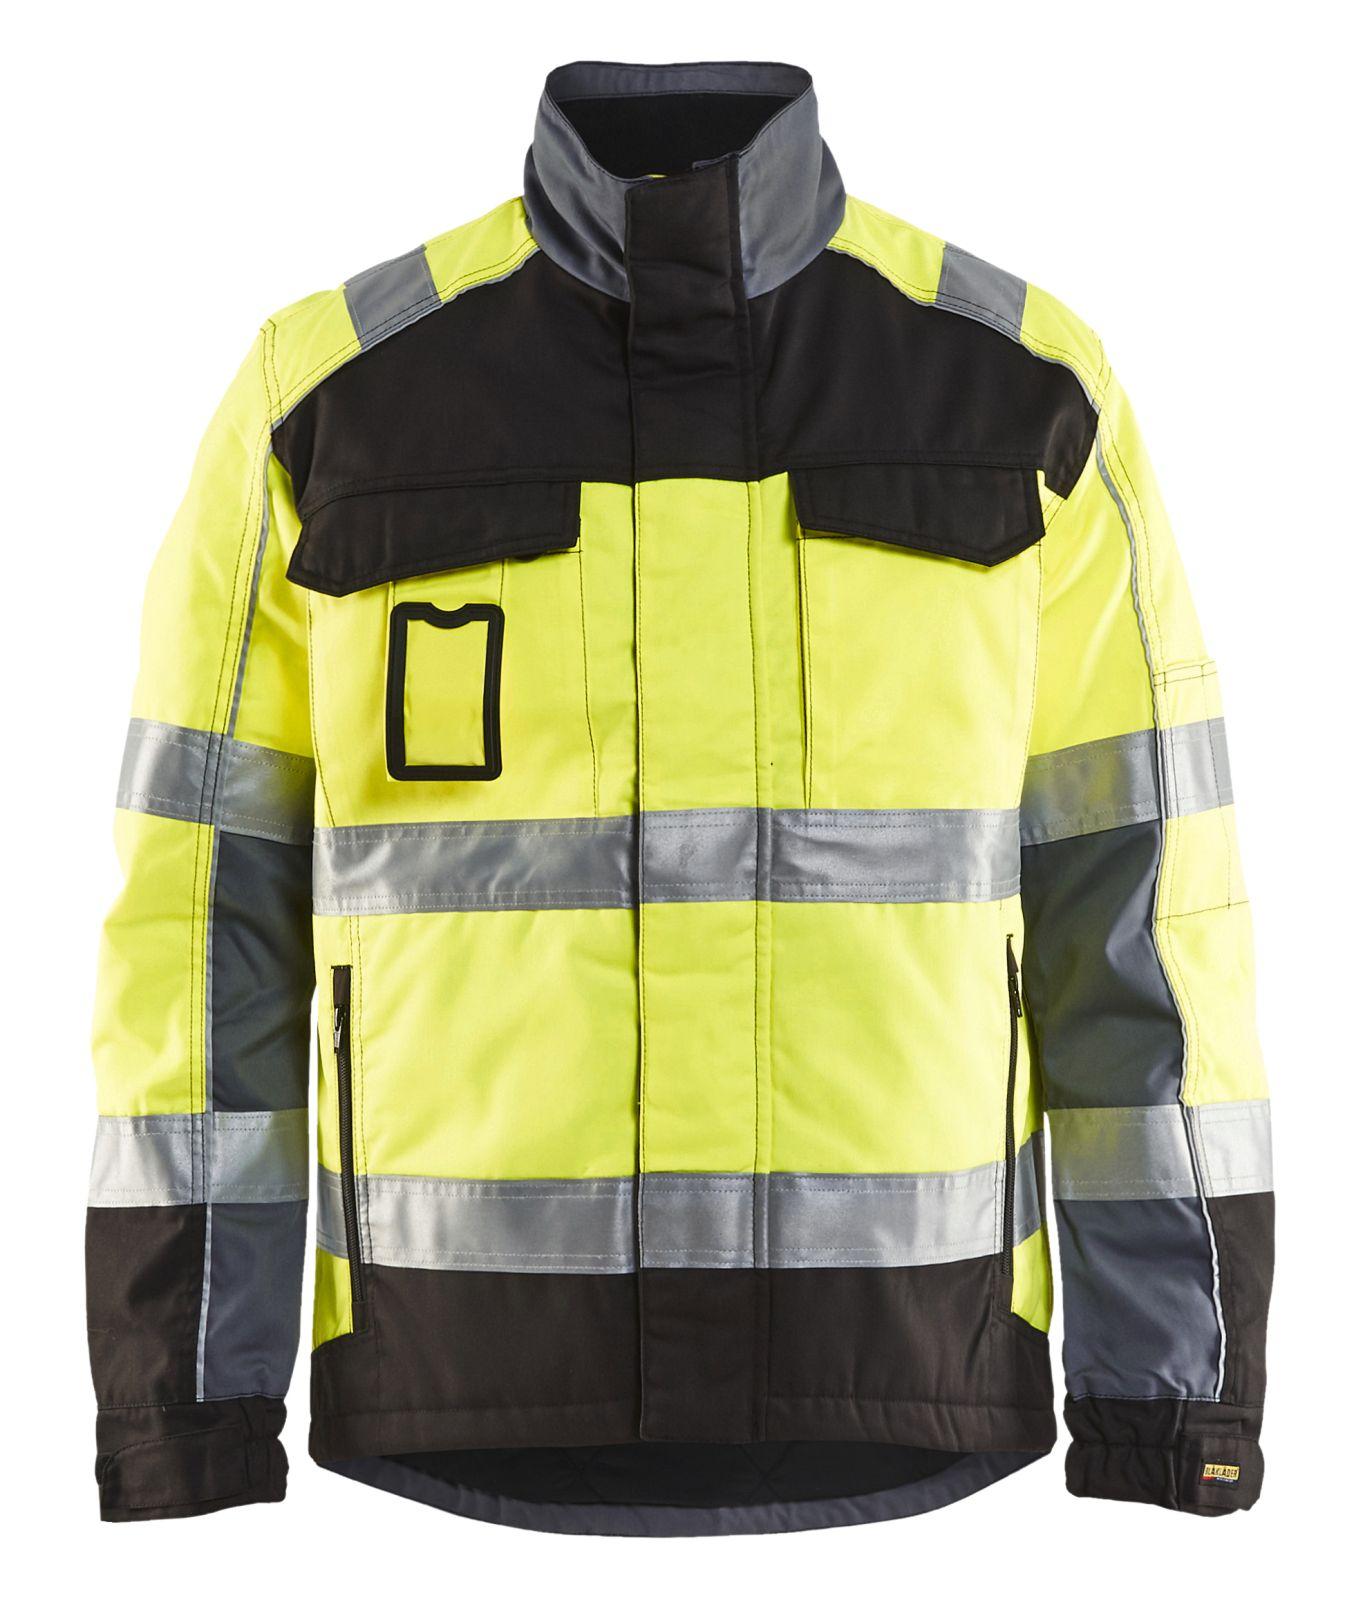 Blaklader Winterjassen 48511811 High Vis geel-zwart(3399)